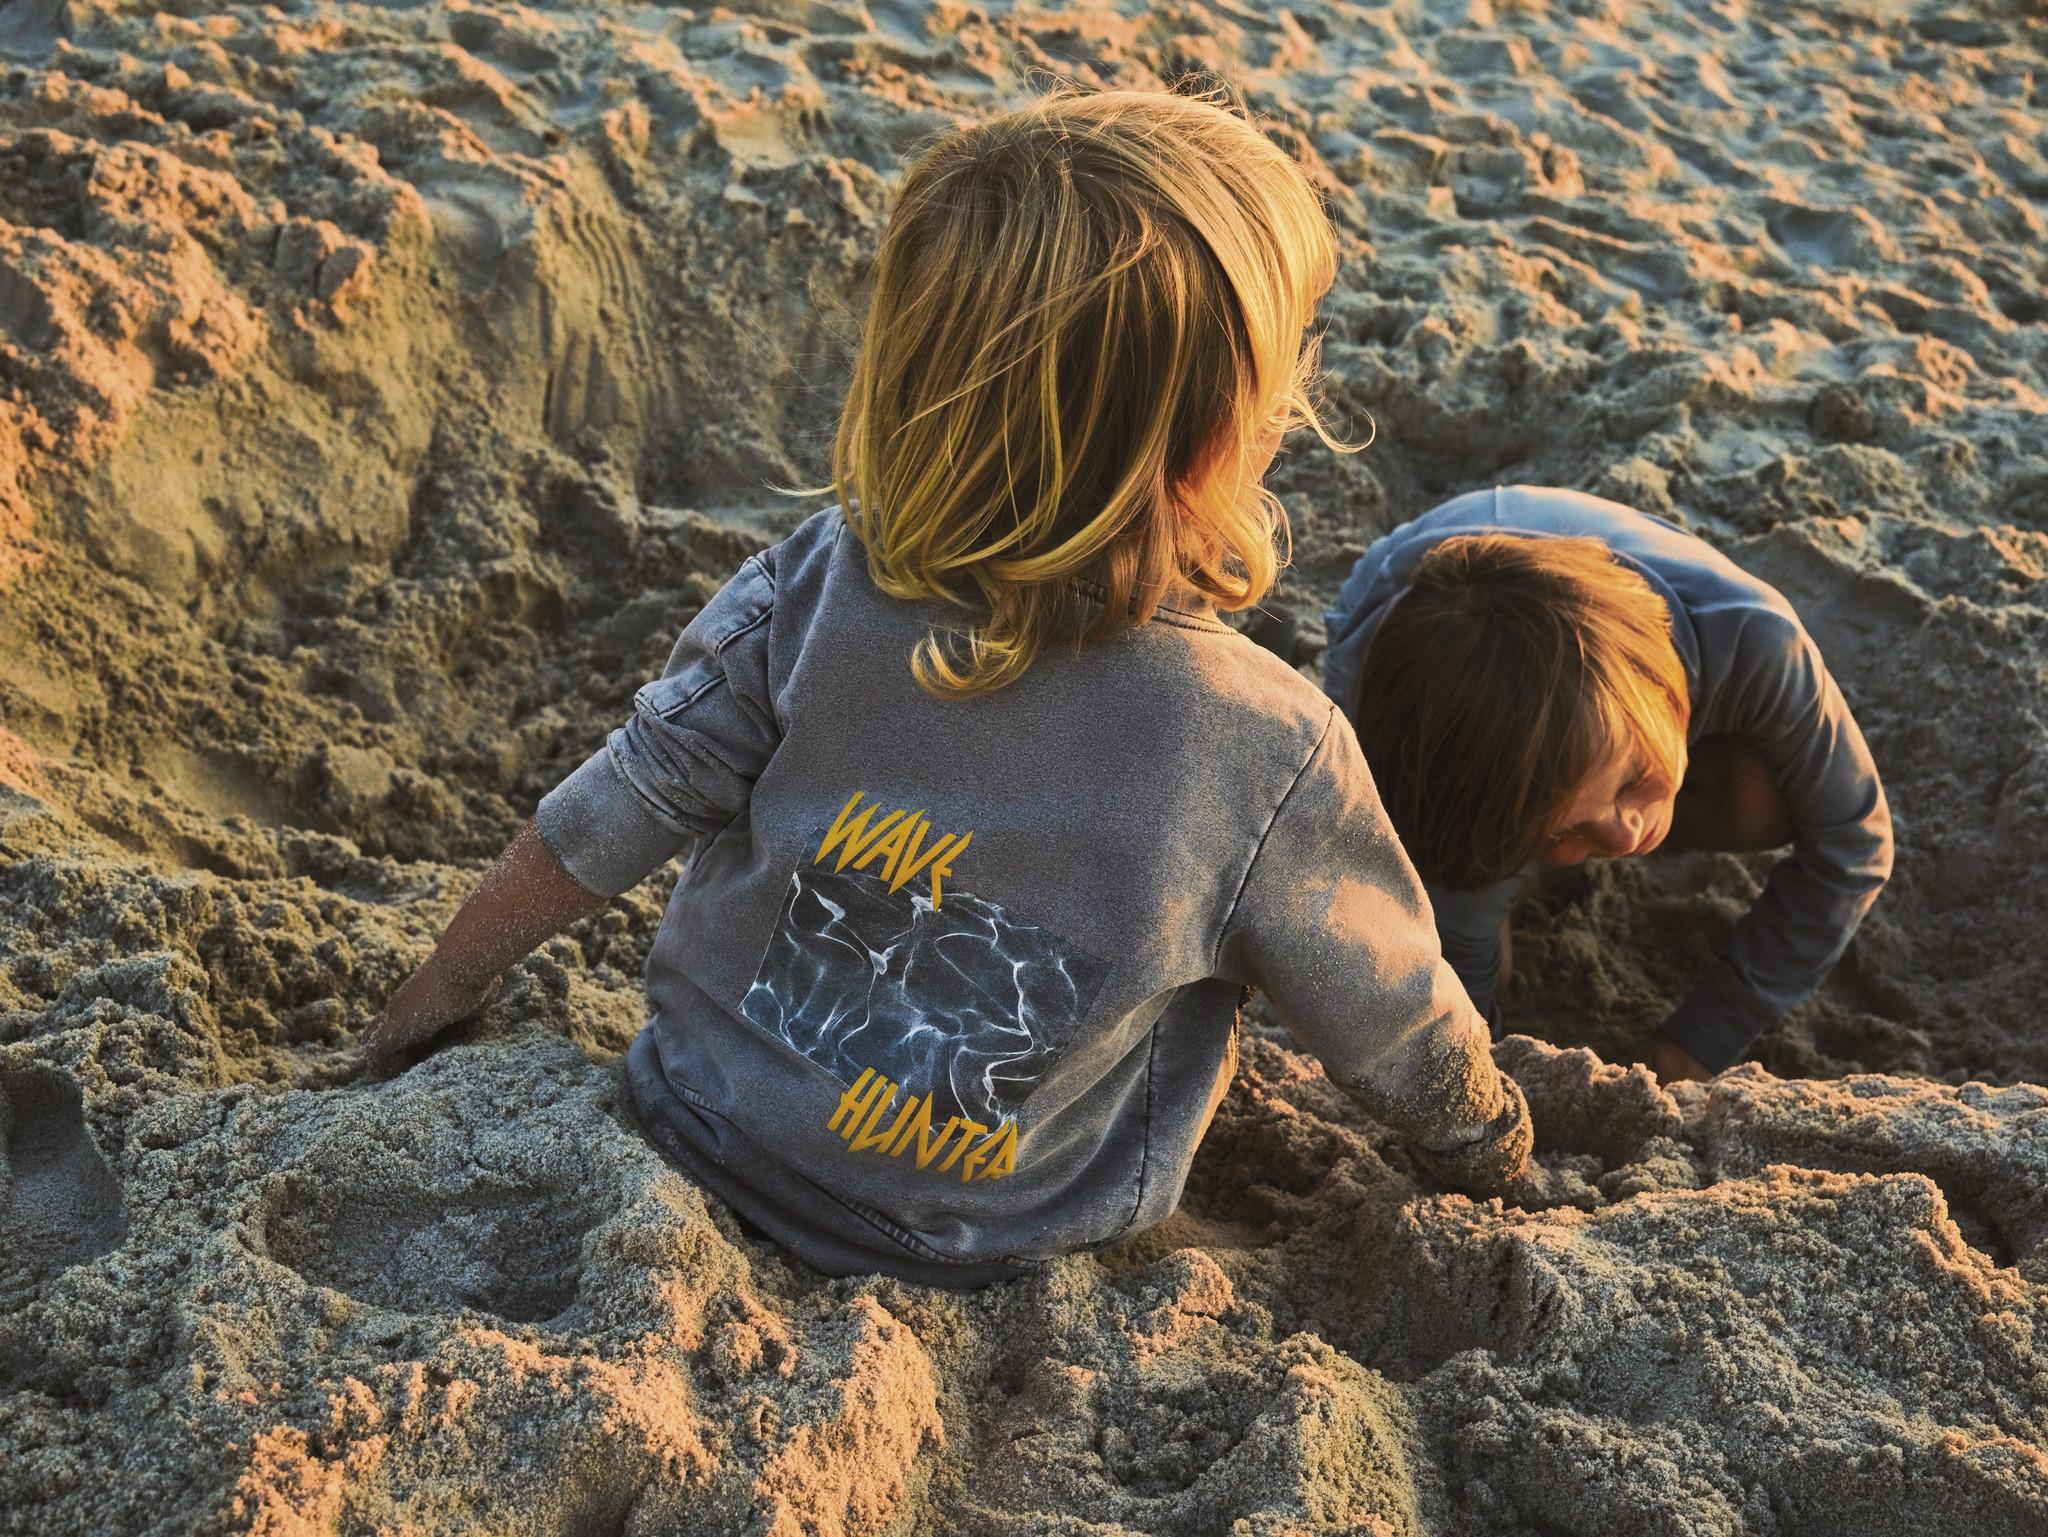 Minikid COOL BOMBER JACKET FOR CHILDREN | LONG BOMBER OF SOFT DENIM | MINIKID